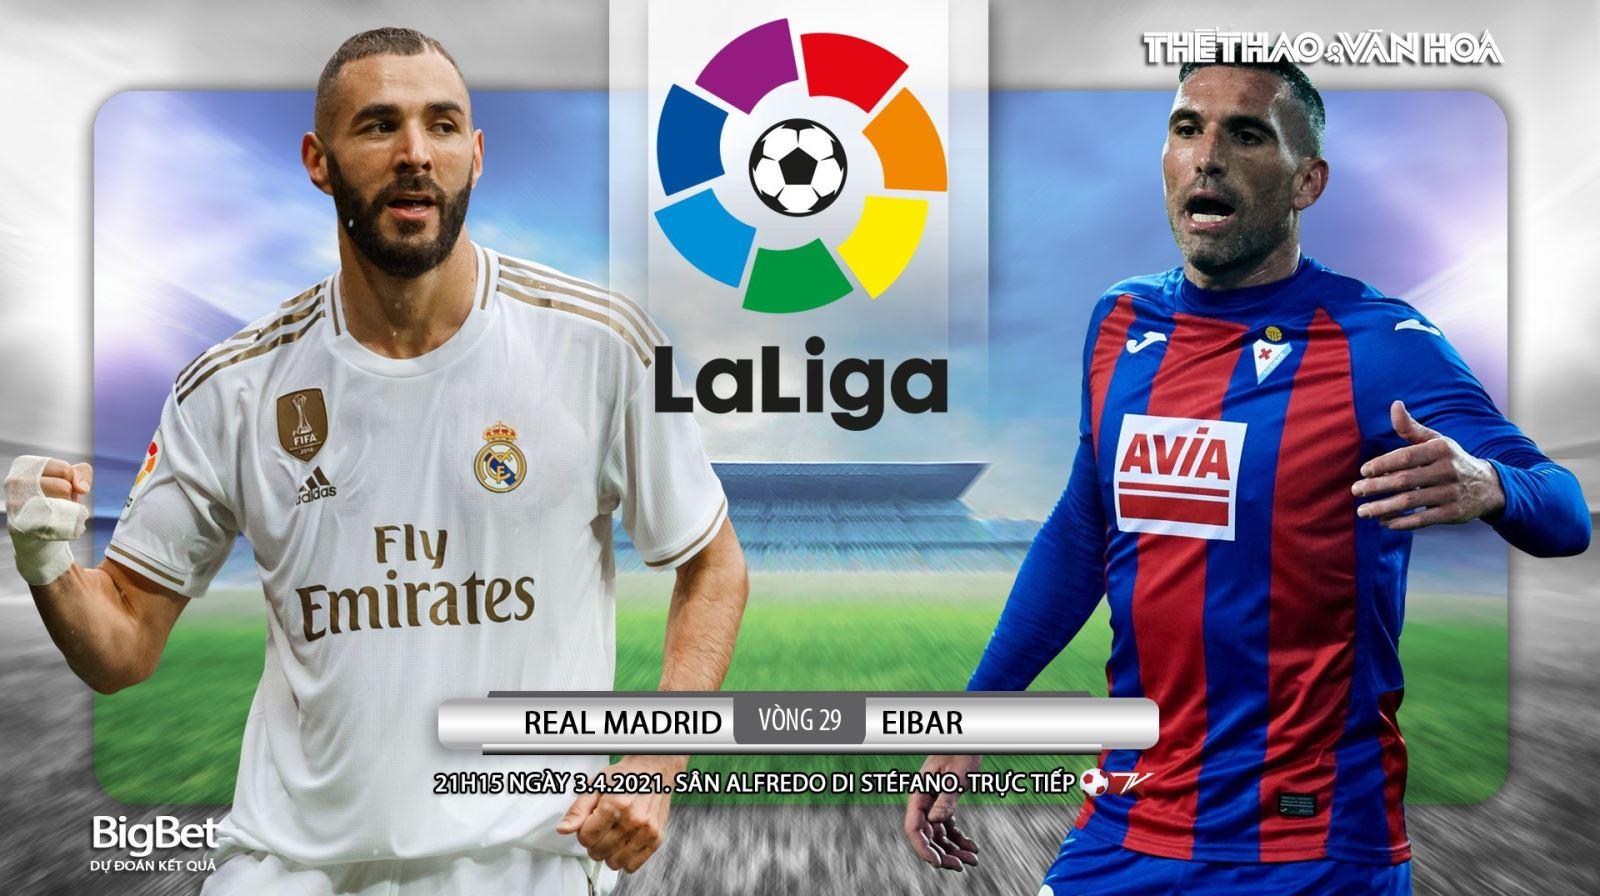 Soi kèo nhà cái Real Madrid vs Eibar. BĐTV trực tiếp bóng đá Tây Ban Nha